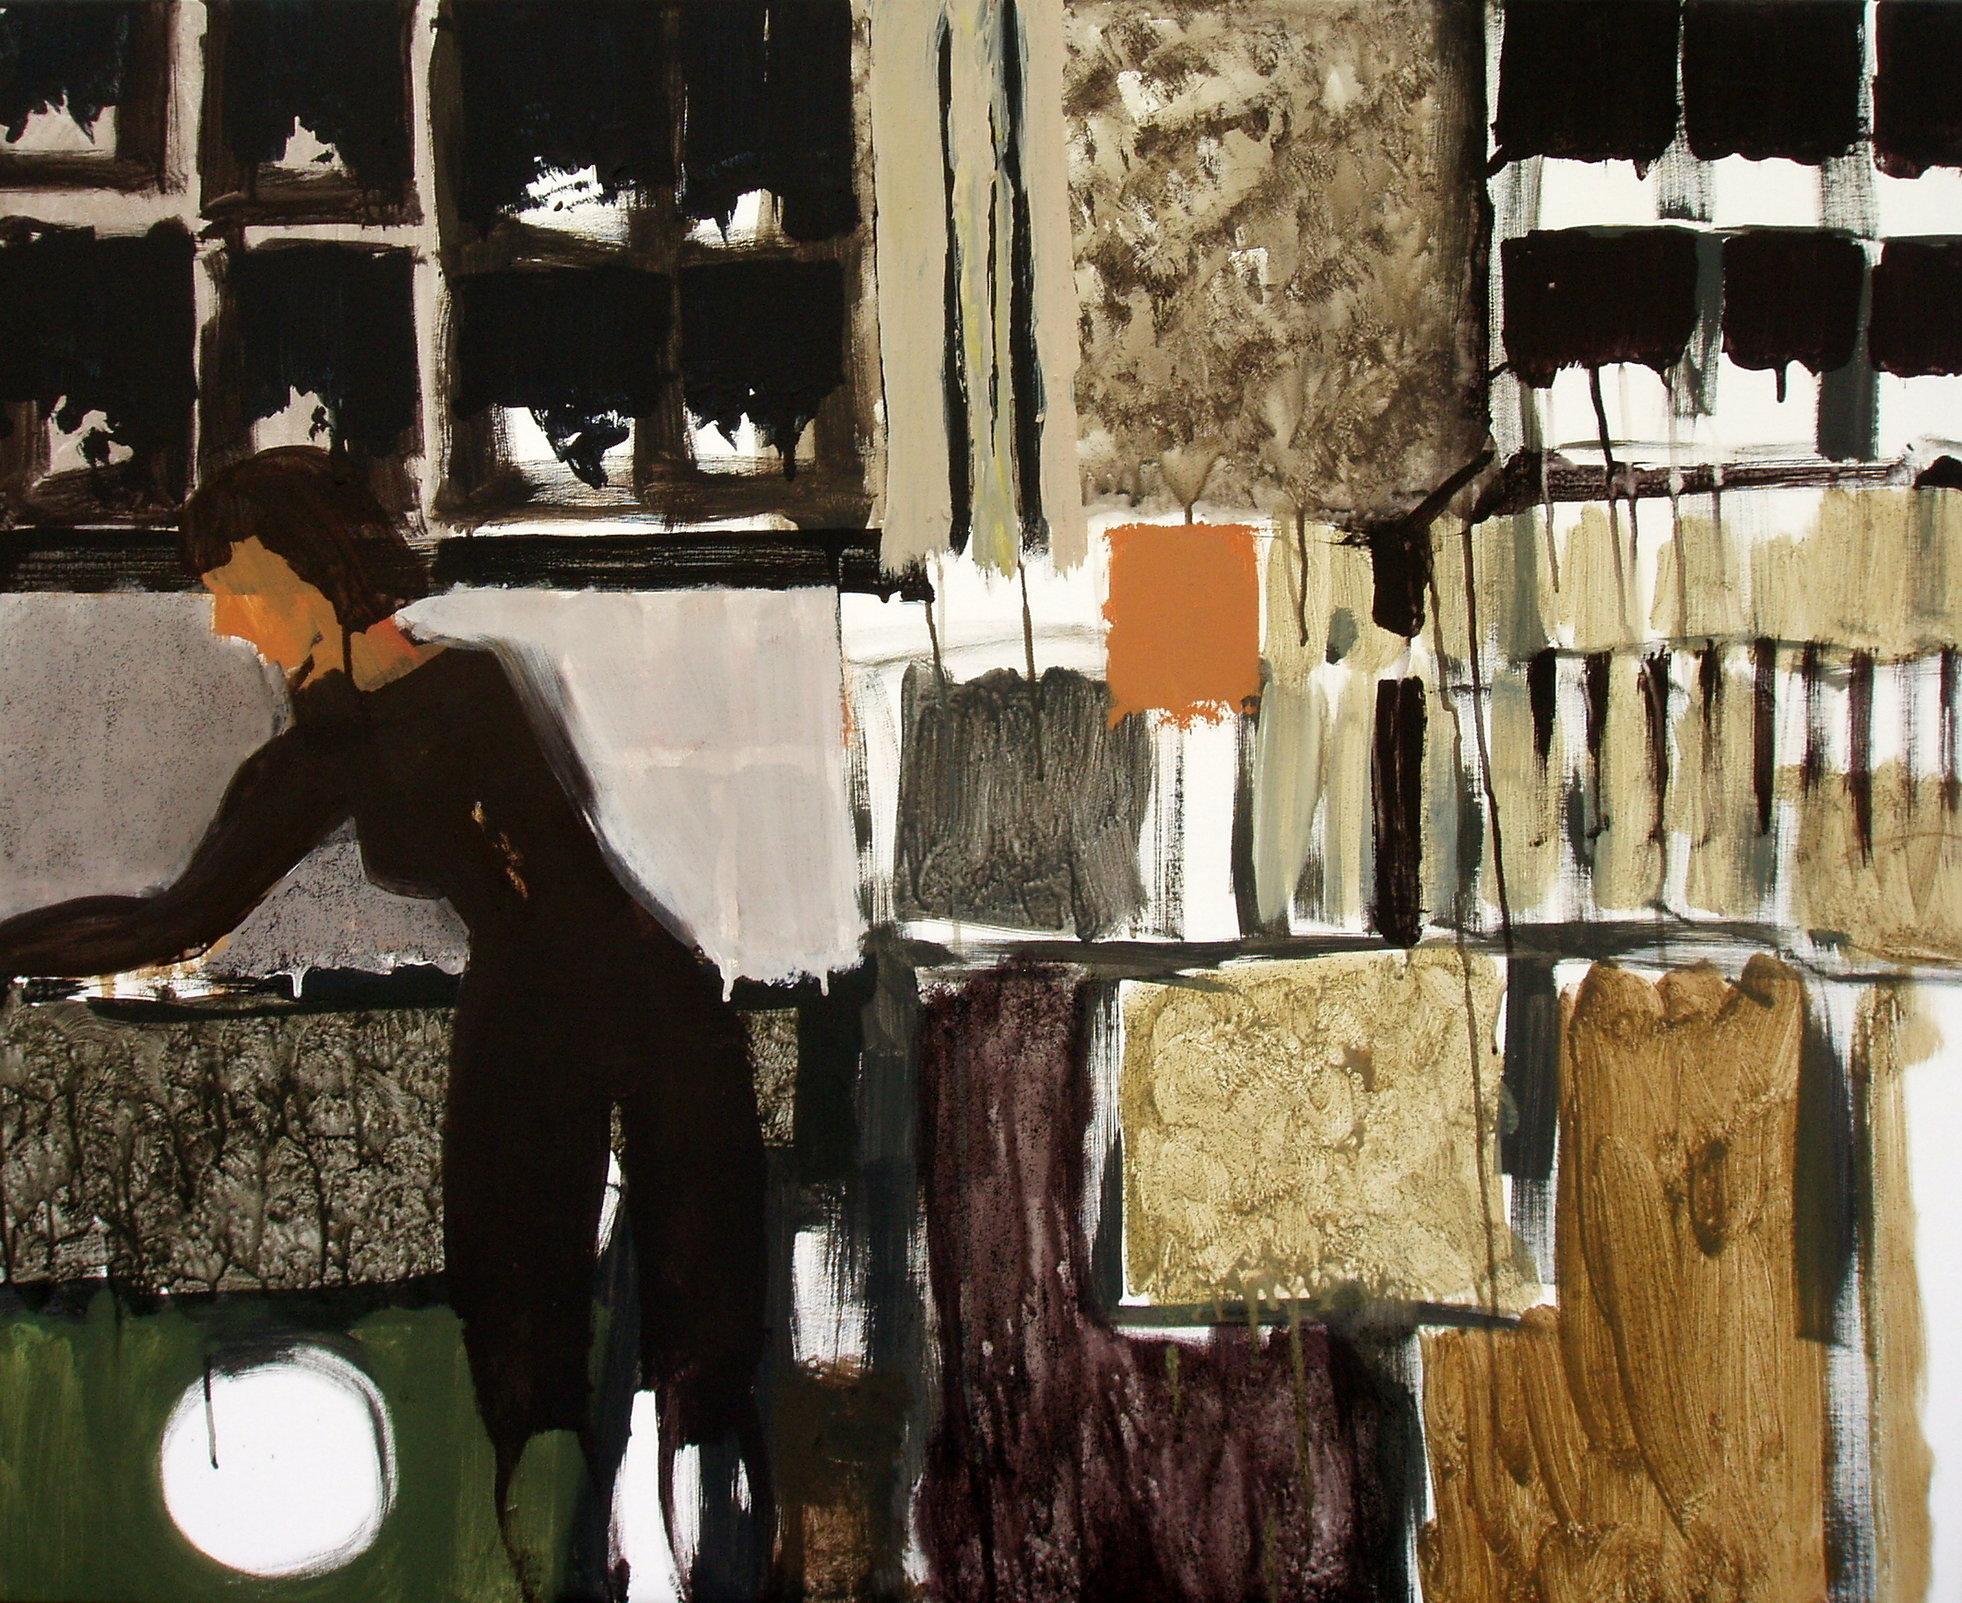 Kobieta w legginsach 90x110 akryl płótno (wł. pryw.)